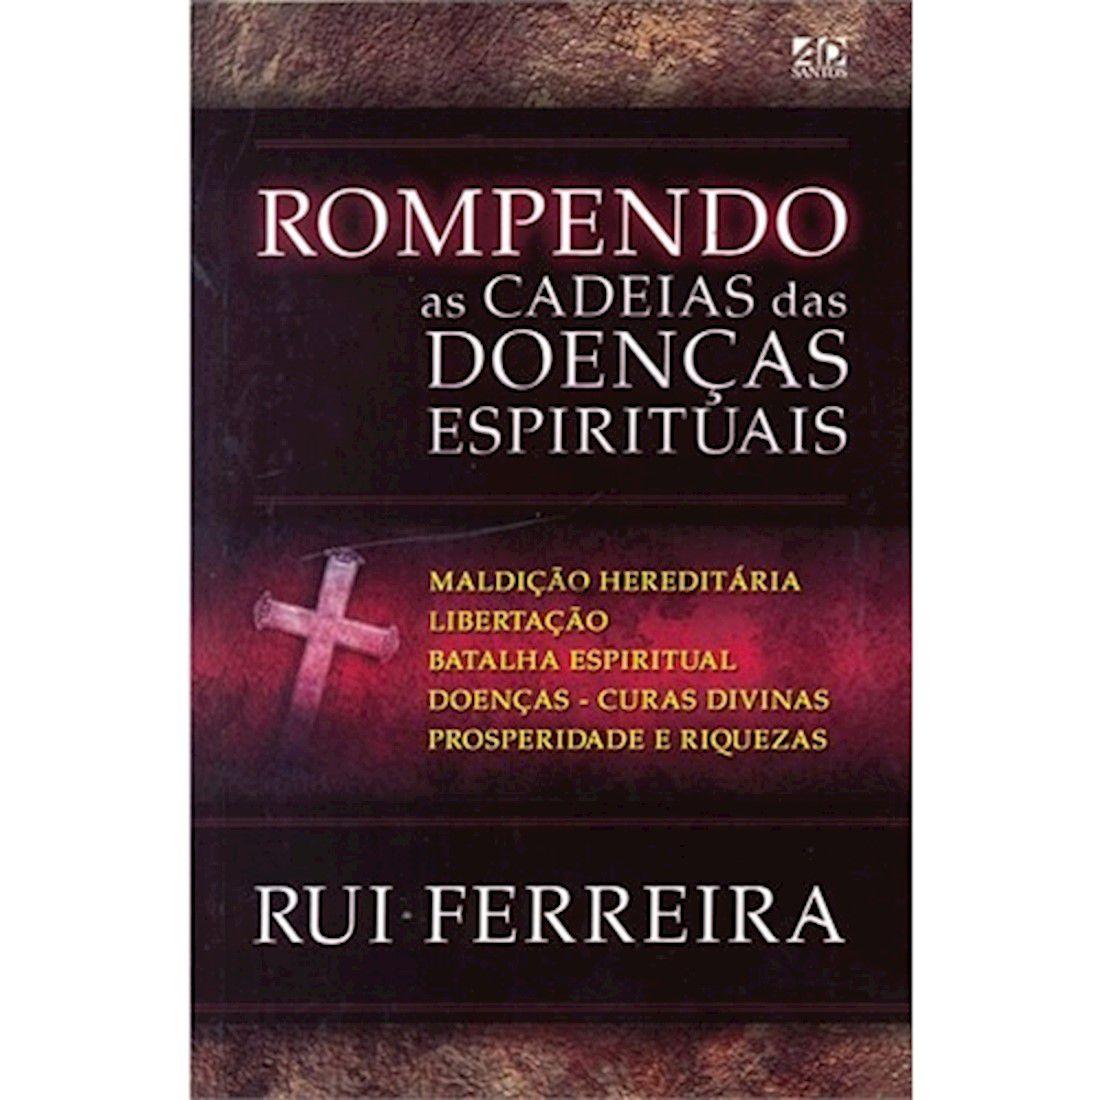 Livro Rompendo as Cadeias das Doenças Espirituais